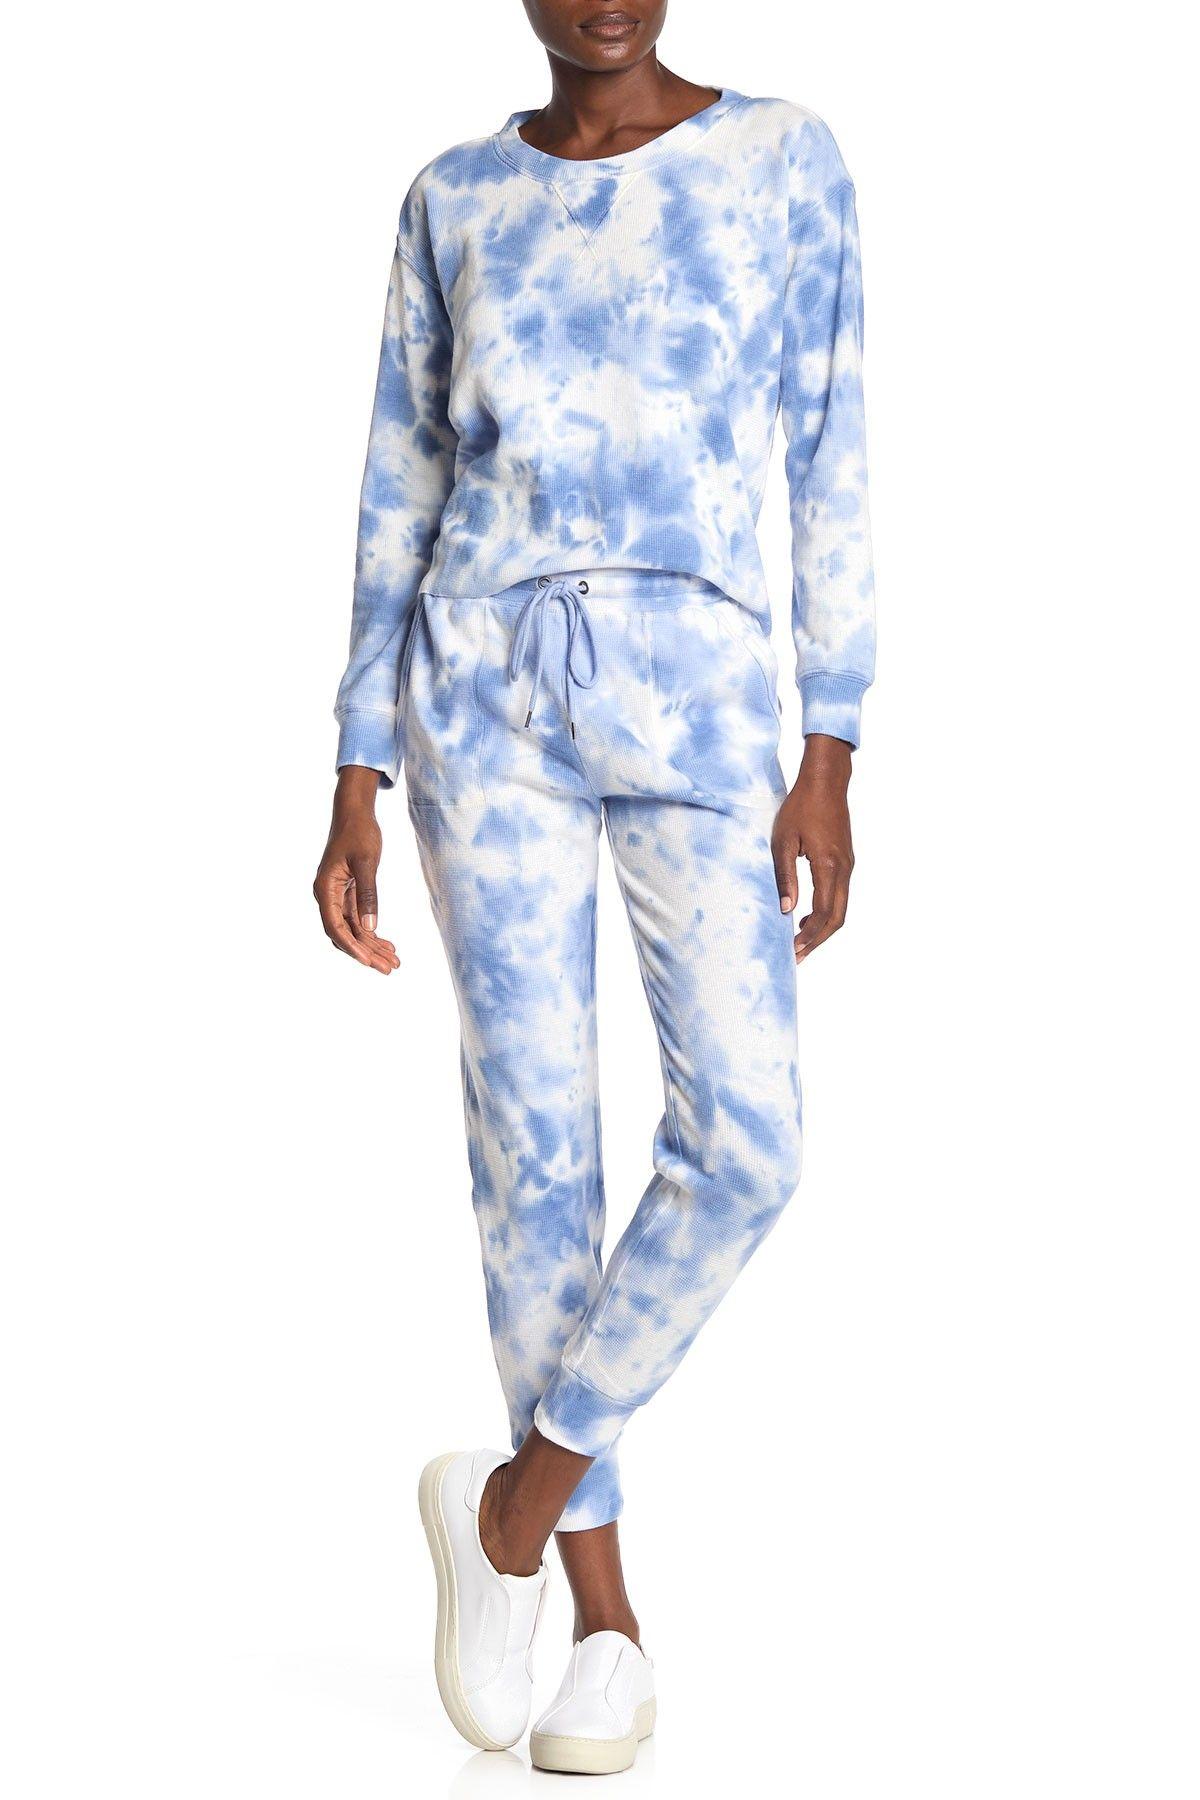 Splendid Jogger Pants Hautelook Tie Dye Outfits Tie Dye Fashion Pajamas Women [ 1800 x 1200 Pixel ]